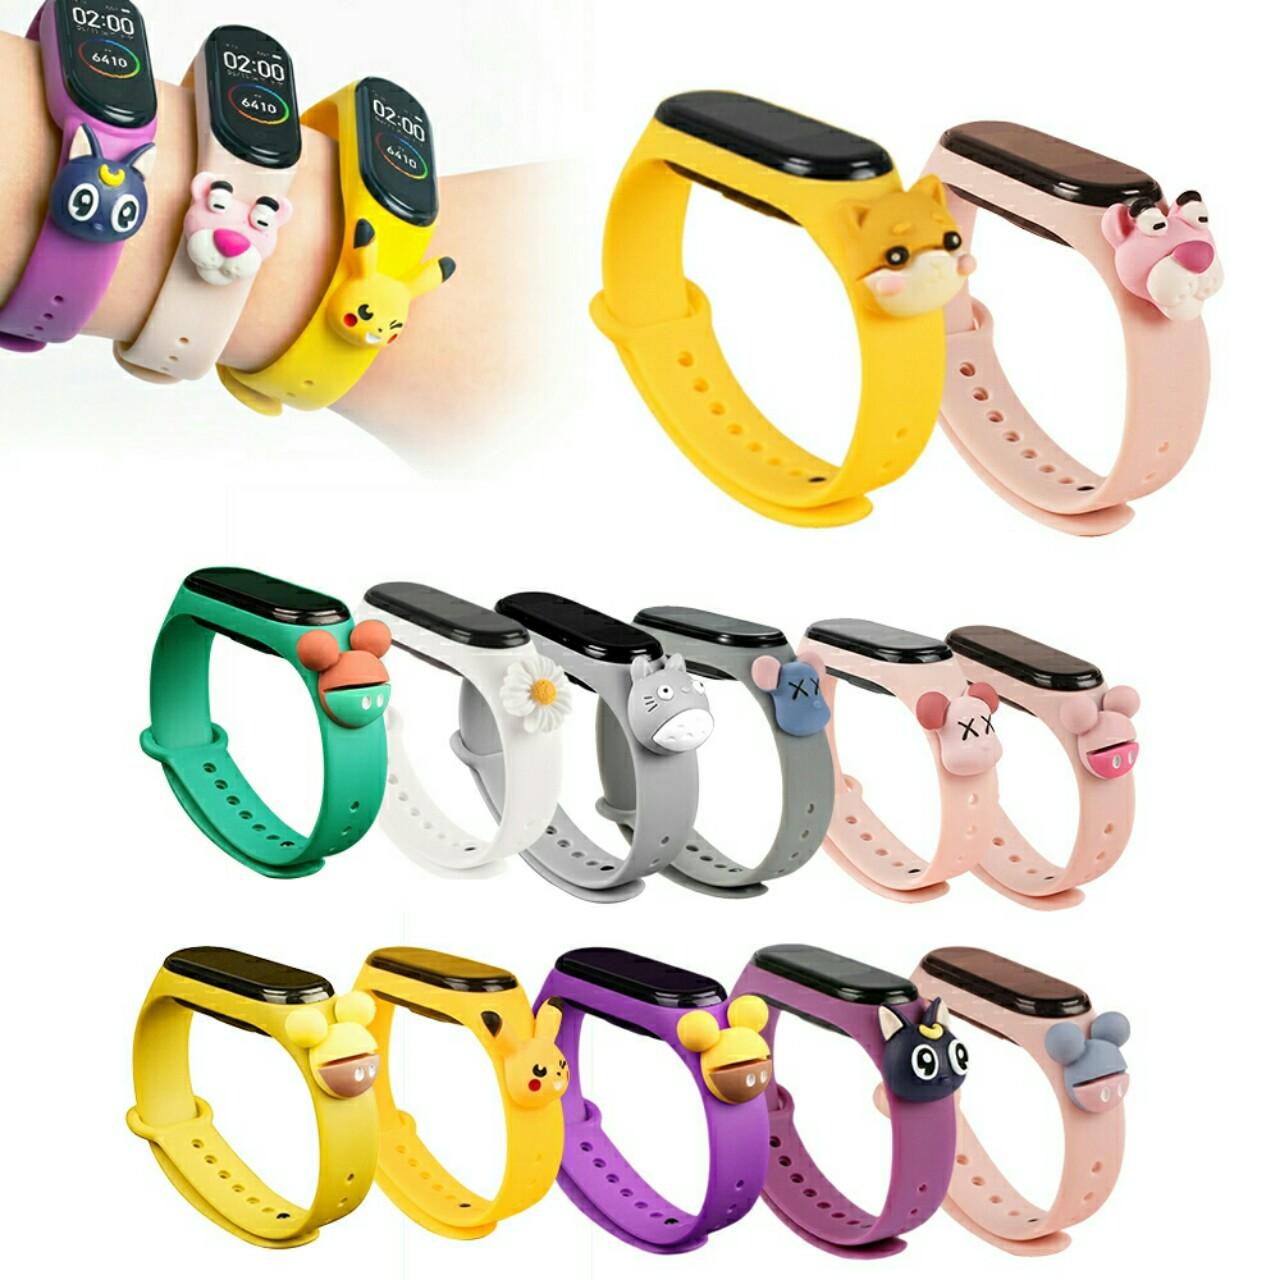 Đồng hồ trẻ em ZGO Disney chống nước, đồng hồ thông minh hình thú, thiết kế hiện đại, chất liệu an toàn